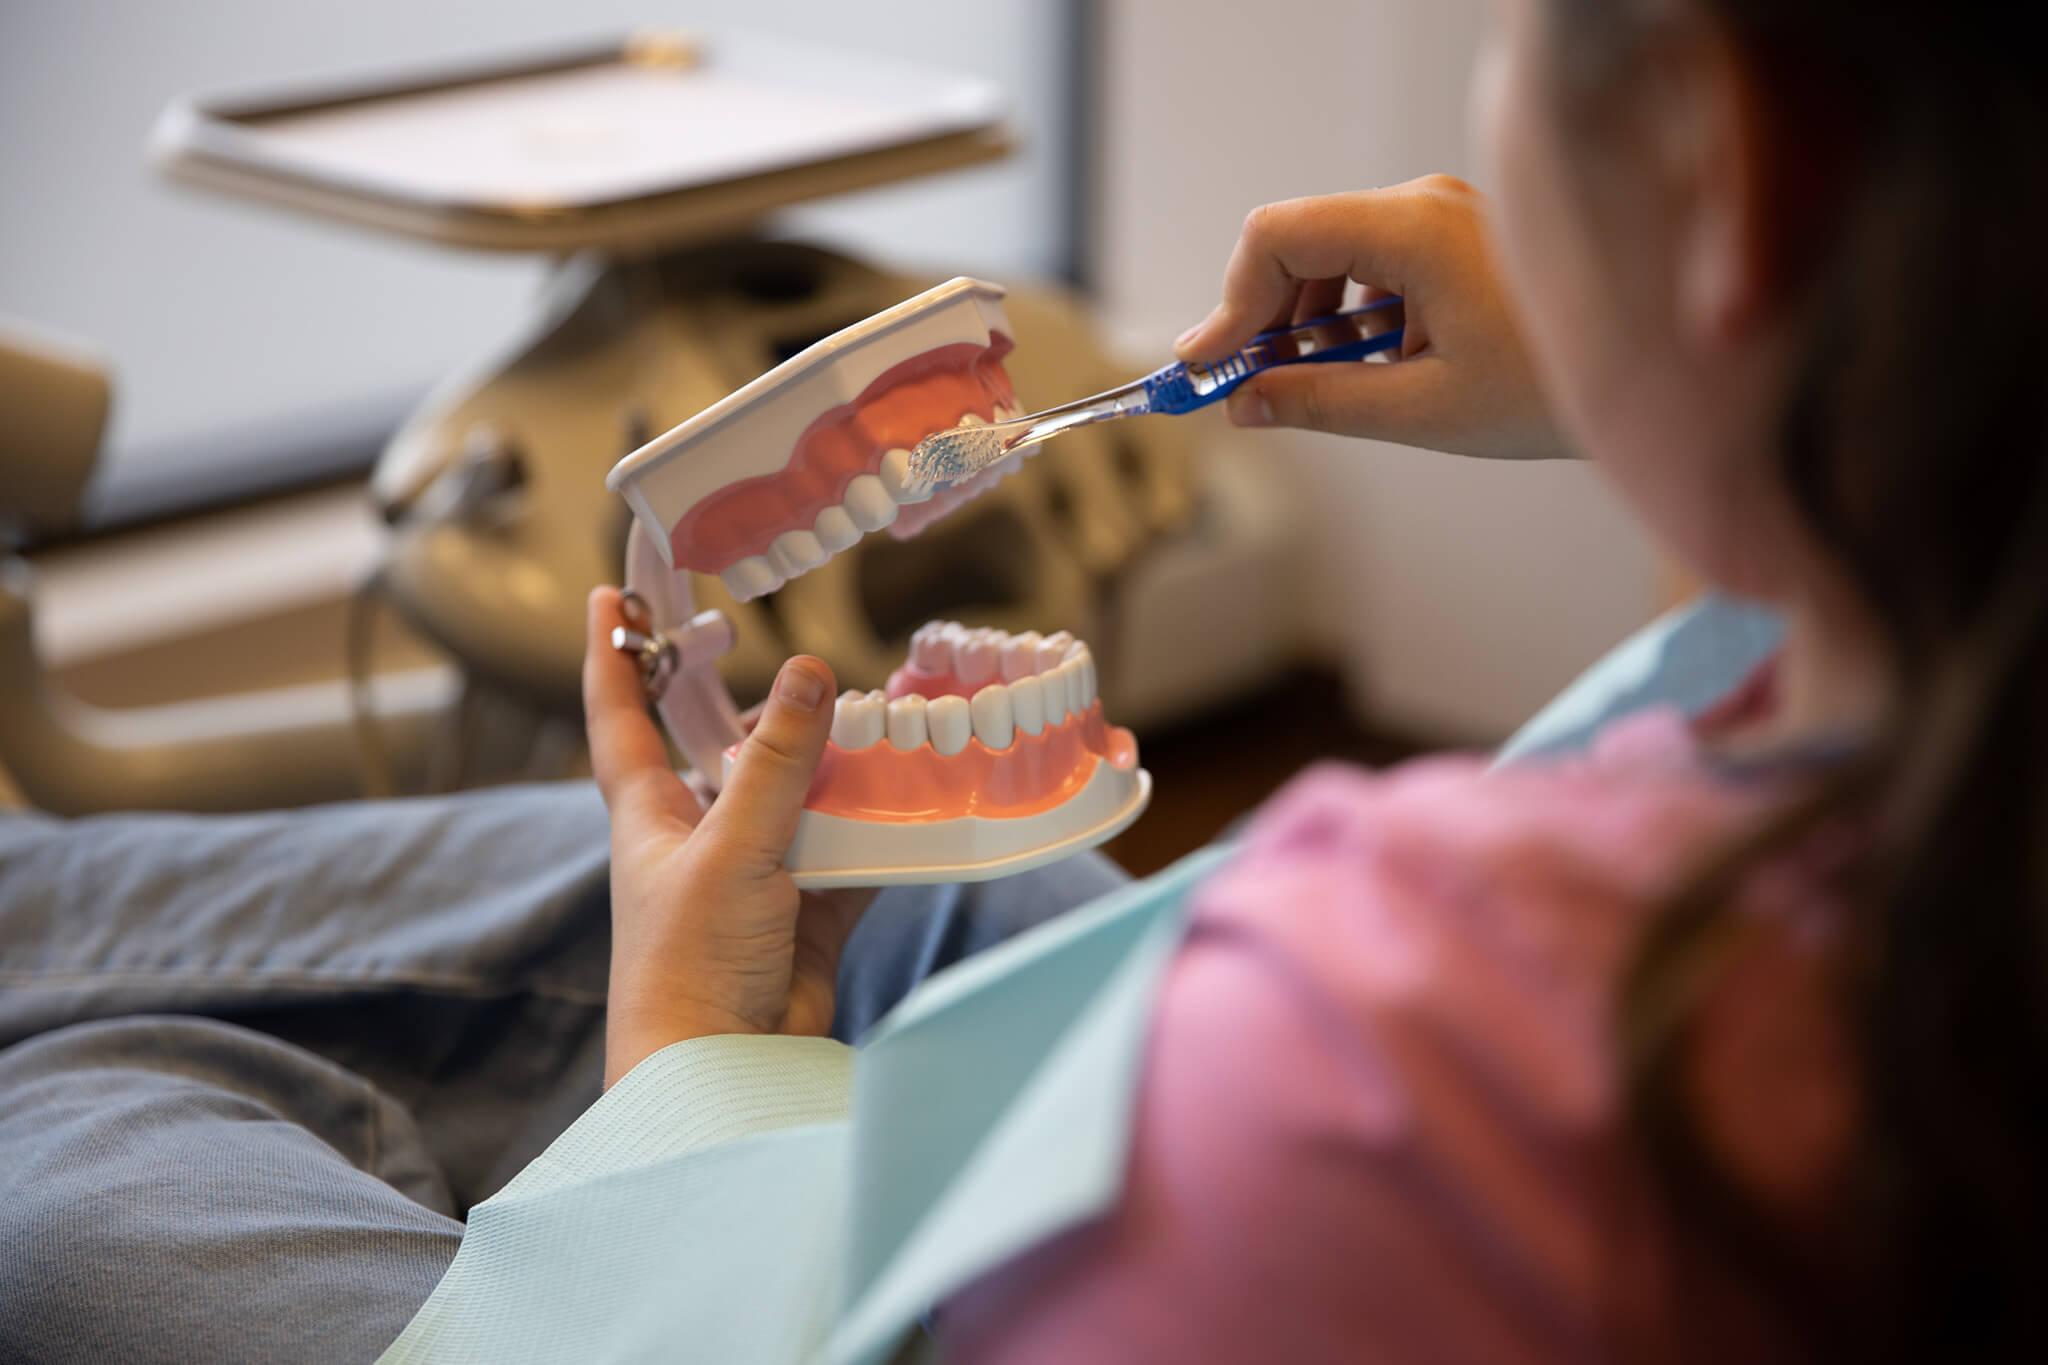 orthodontics cost in calgary